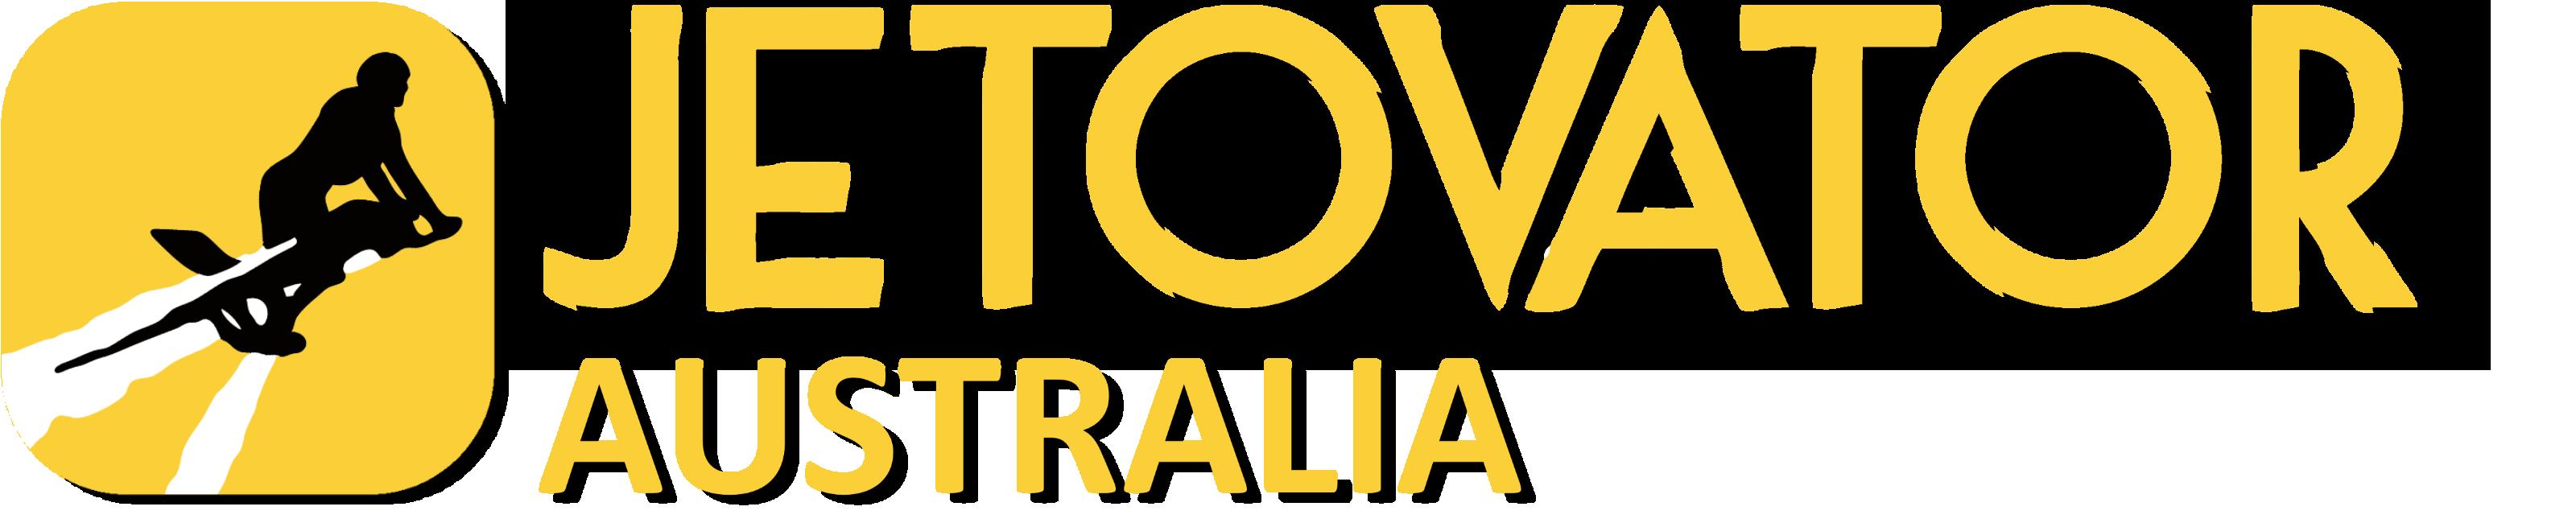 Jetovator Australia